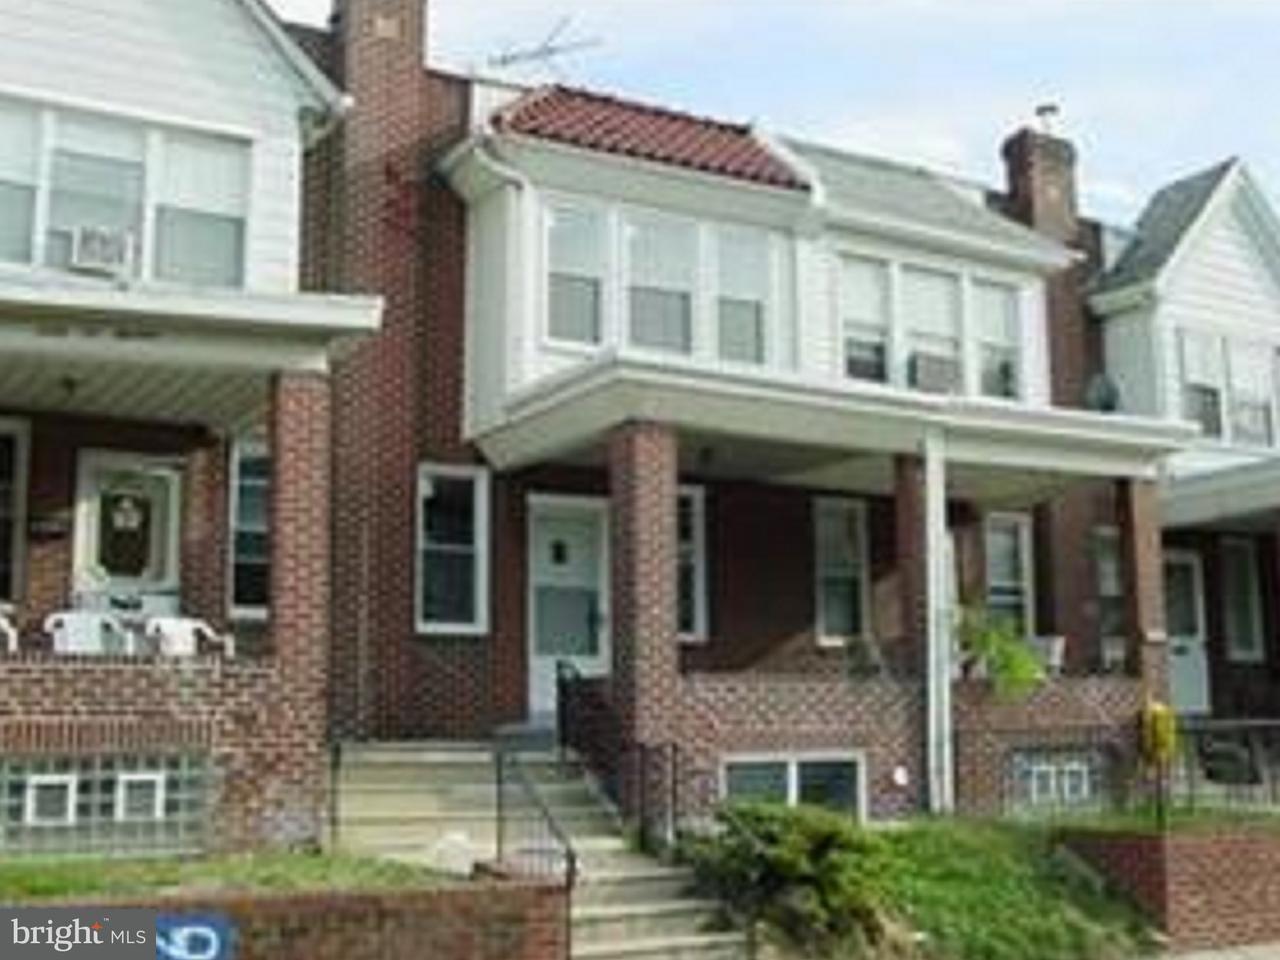 6211  Mershon Philadelphia, PA 19149